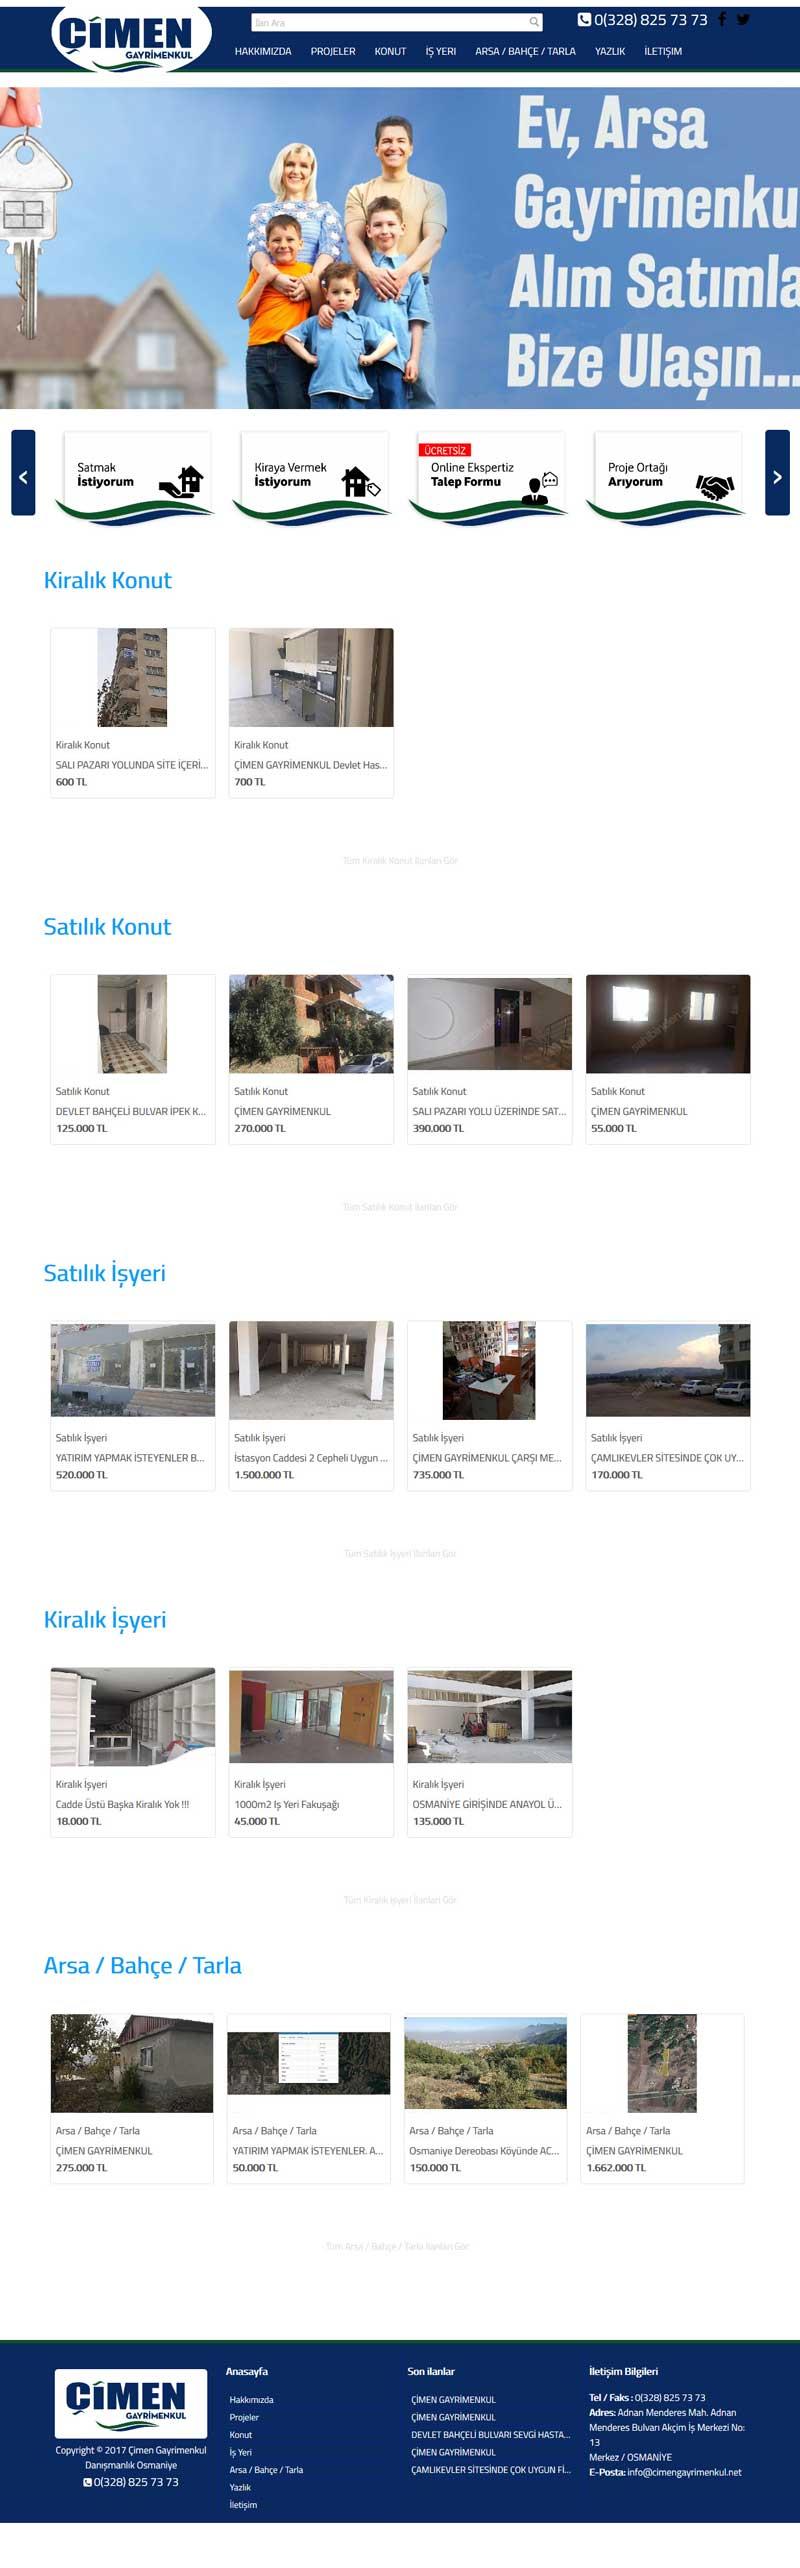 Çimen Gayrimenkul Osmaniye Web Sitesi Tasarımı